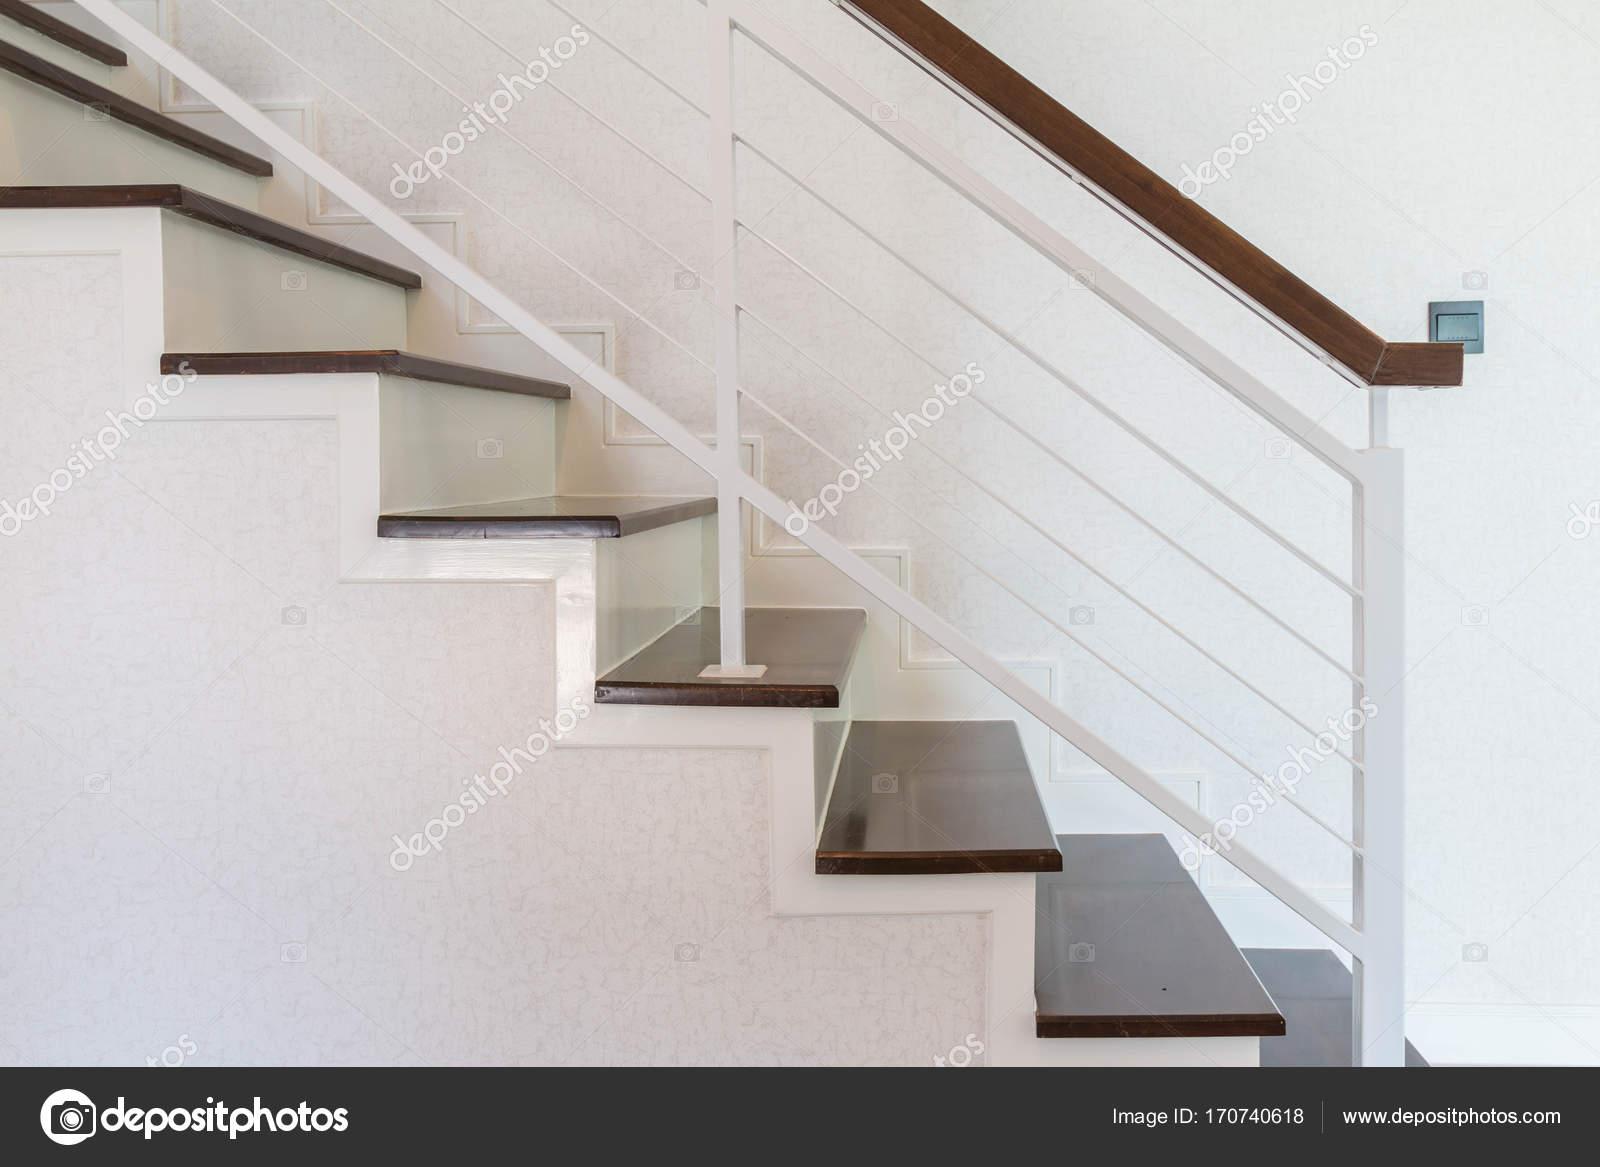 Haus Treppen Aus Holz Die Von Der Seite Gesehen Stockfoto